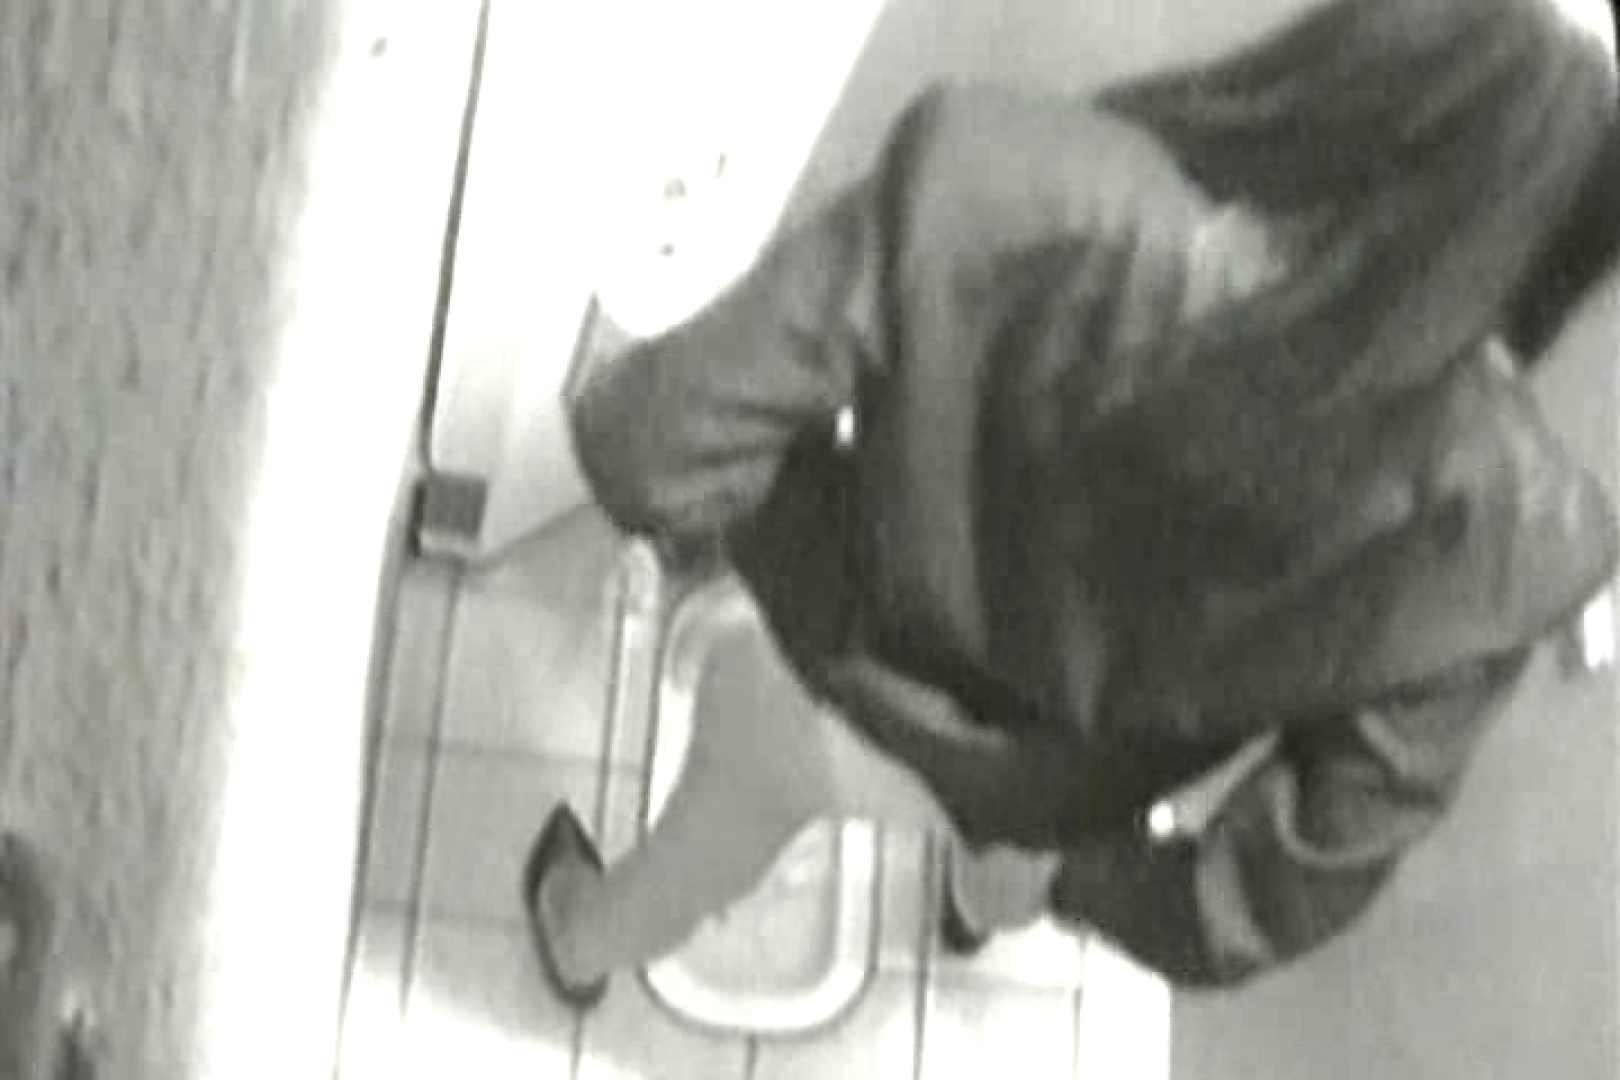 投稿盗撮 女子洗面所上から下から後ろから  TK-108 洗面所突入 ヌード画像 95pic 73